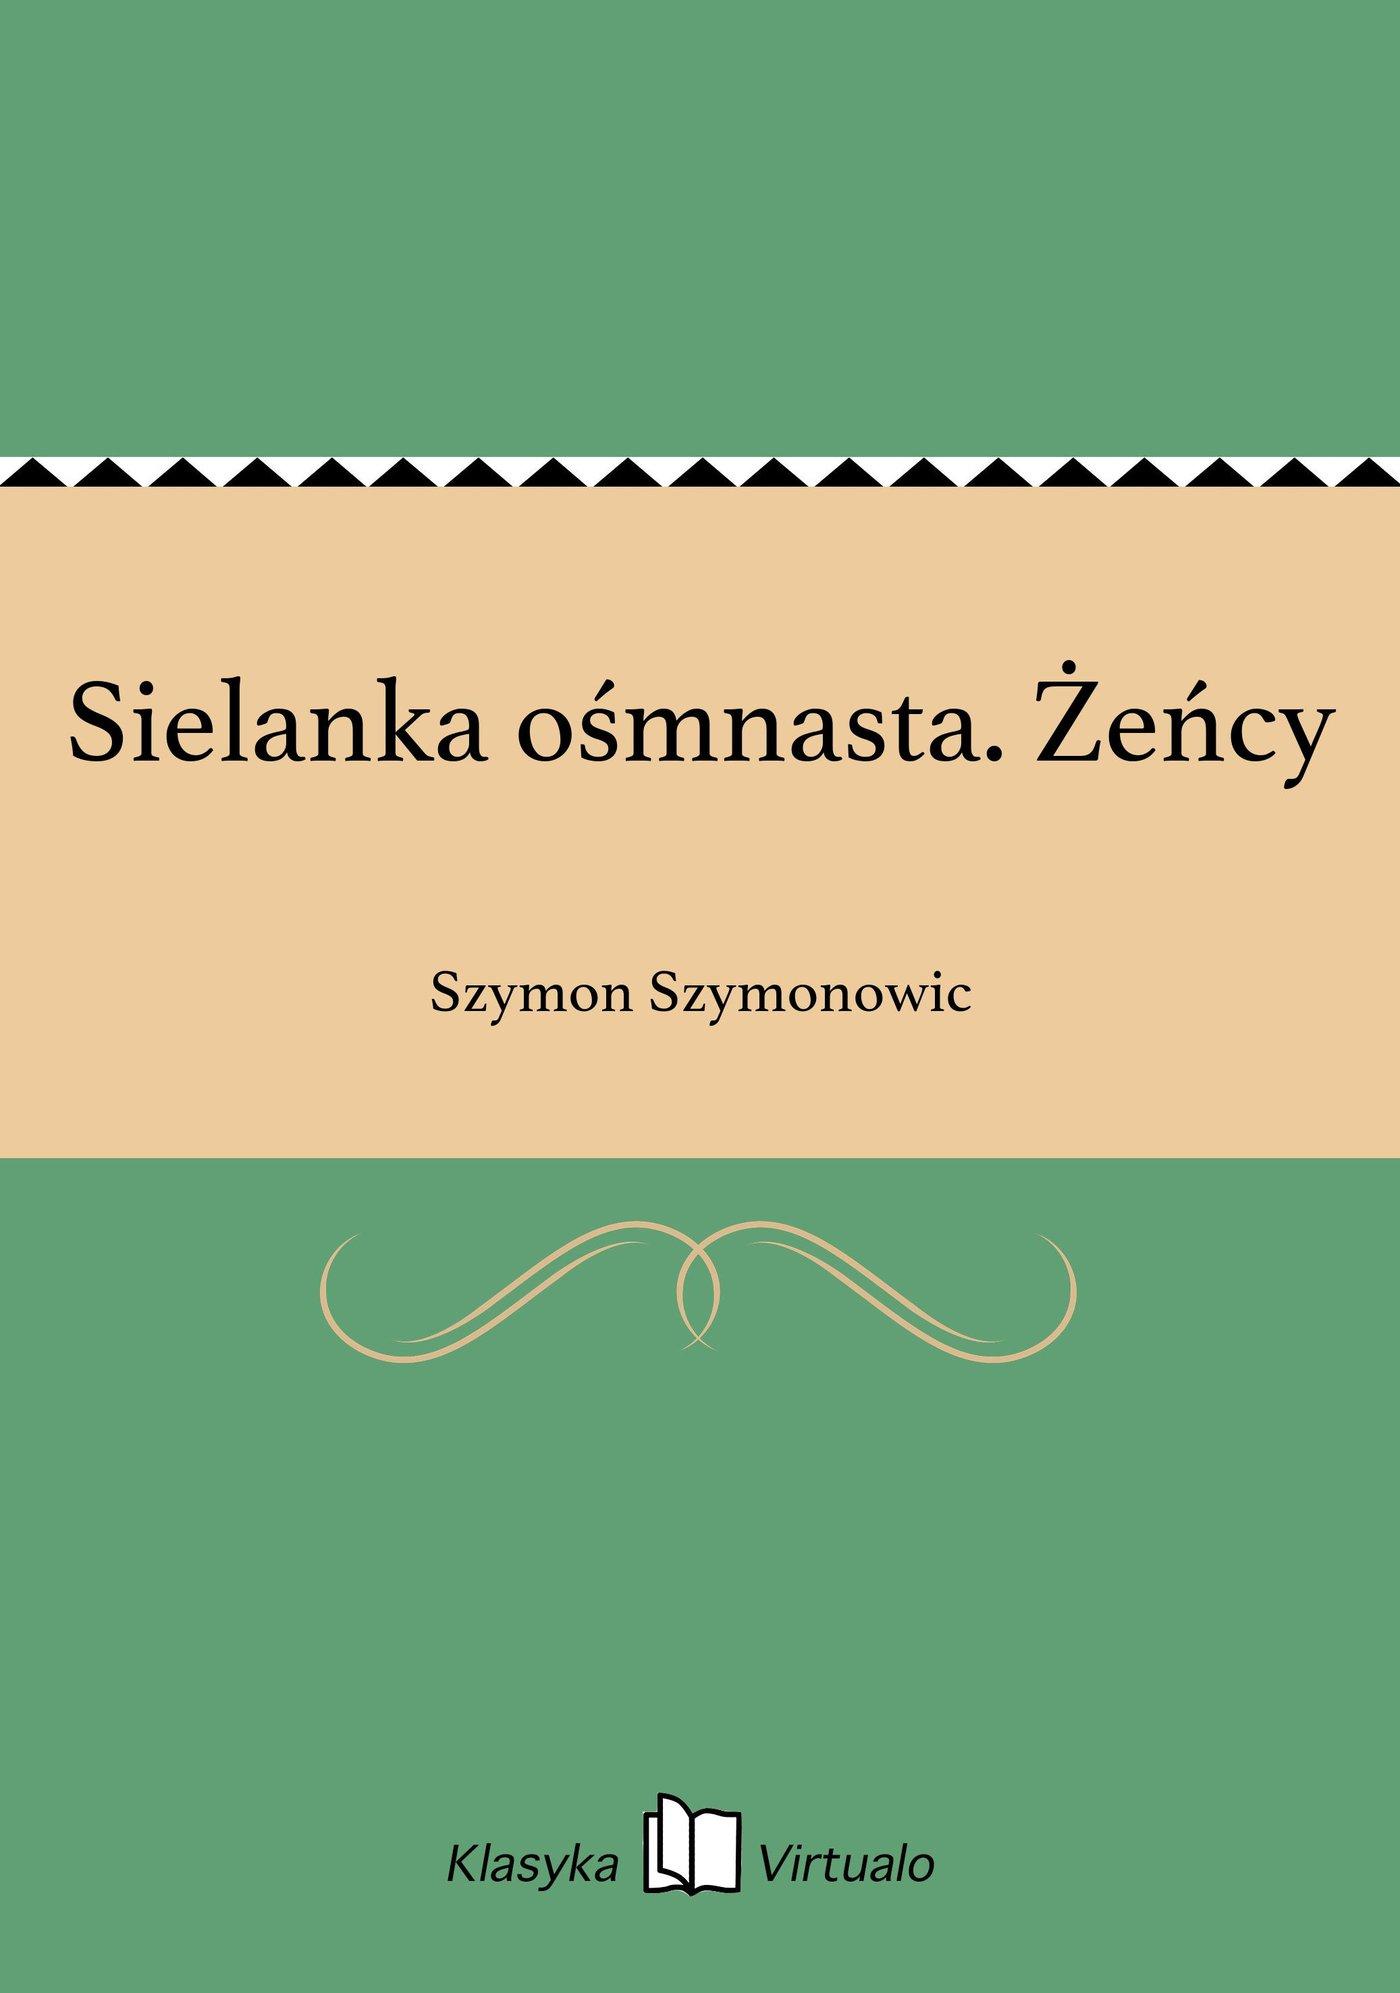 Sielanka ośmnasta. Żeńcy - Ebook (Książka EPUB) do pobrania w formacie EPUB